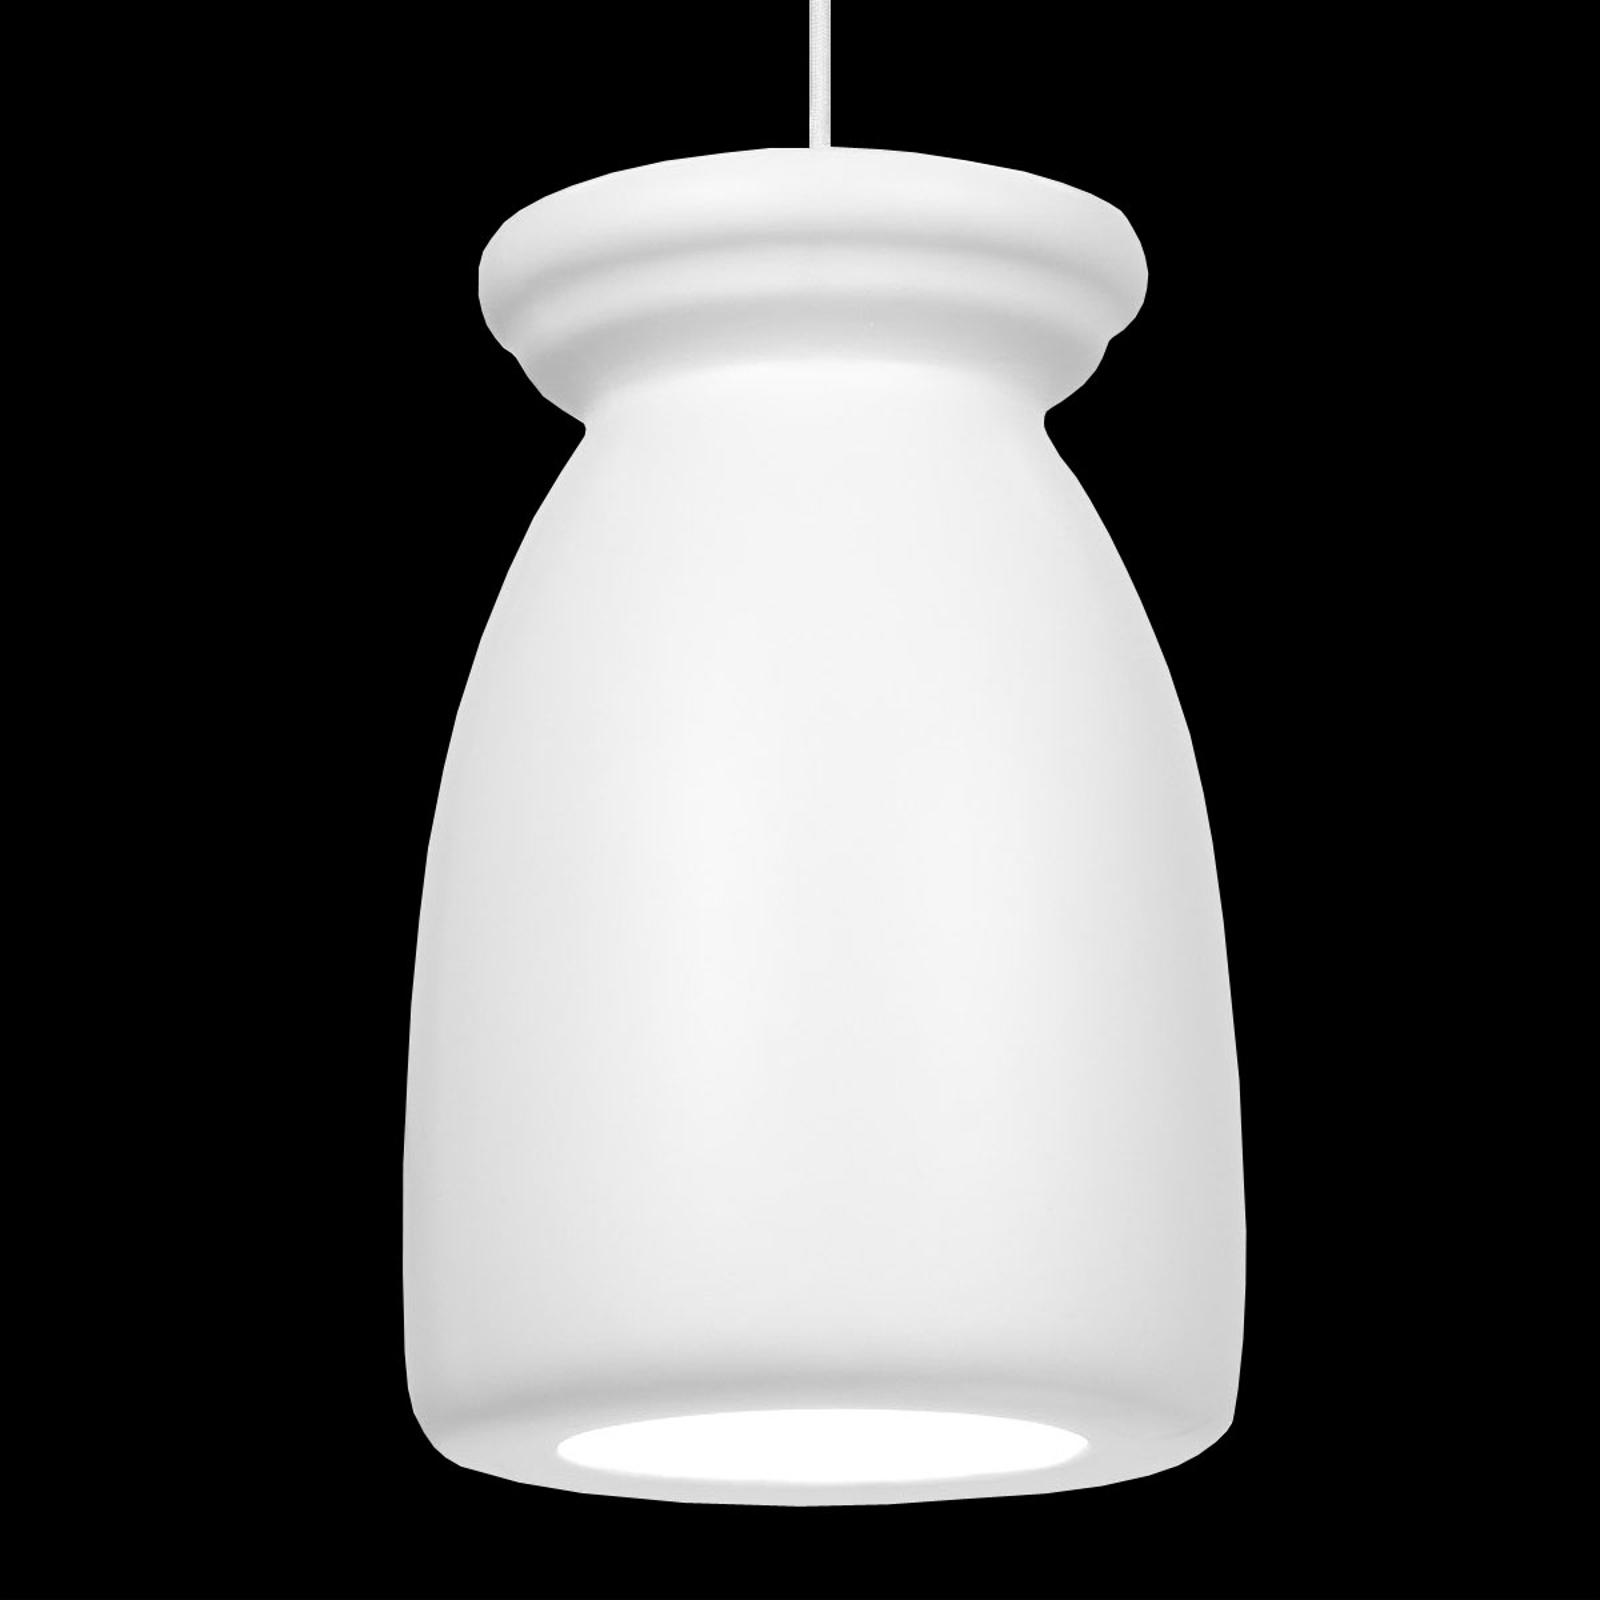 Klenutá závesná lampa Biscuit, dizajnérska kvalita_1022018_1